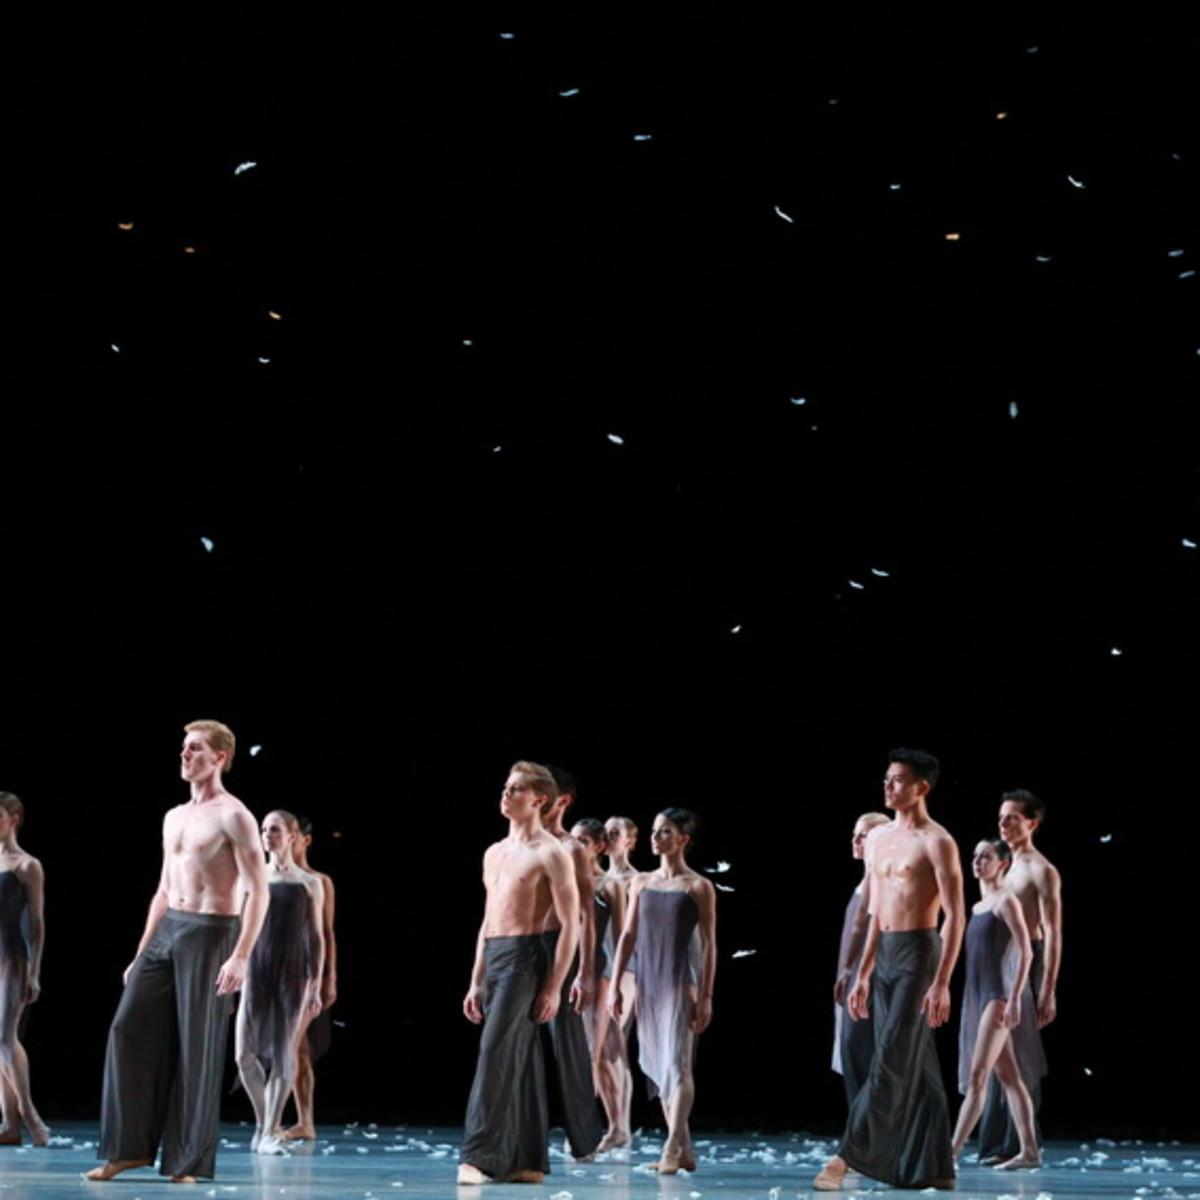 Artists of Houston Ballet in Edwaard Liang's Murmuration